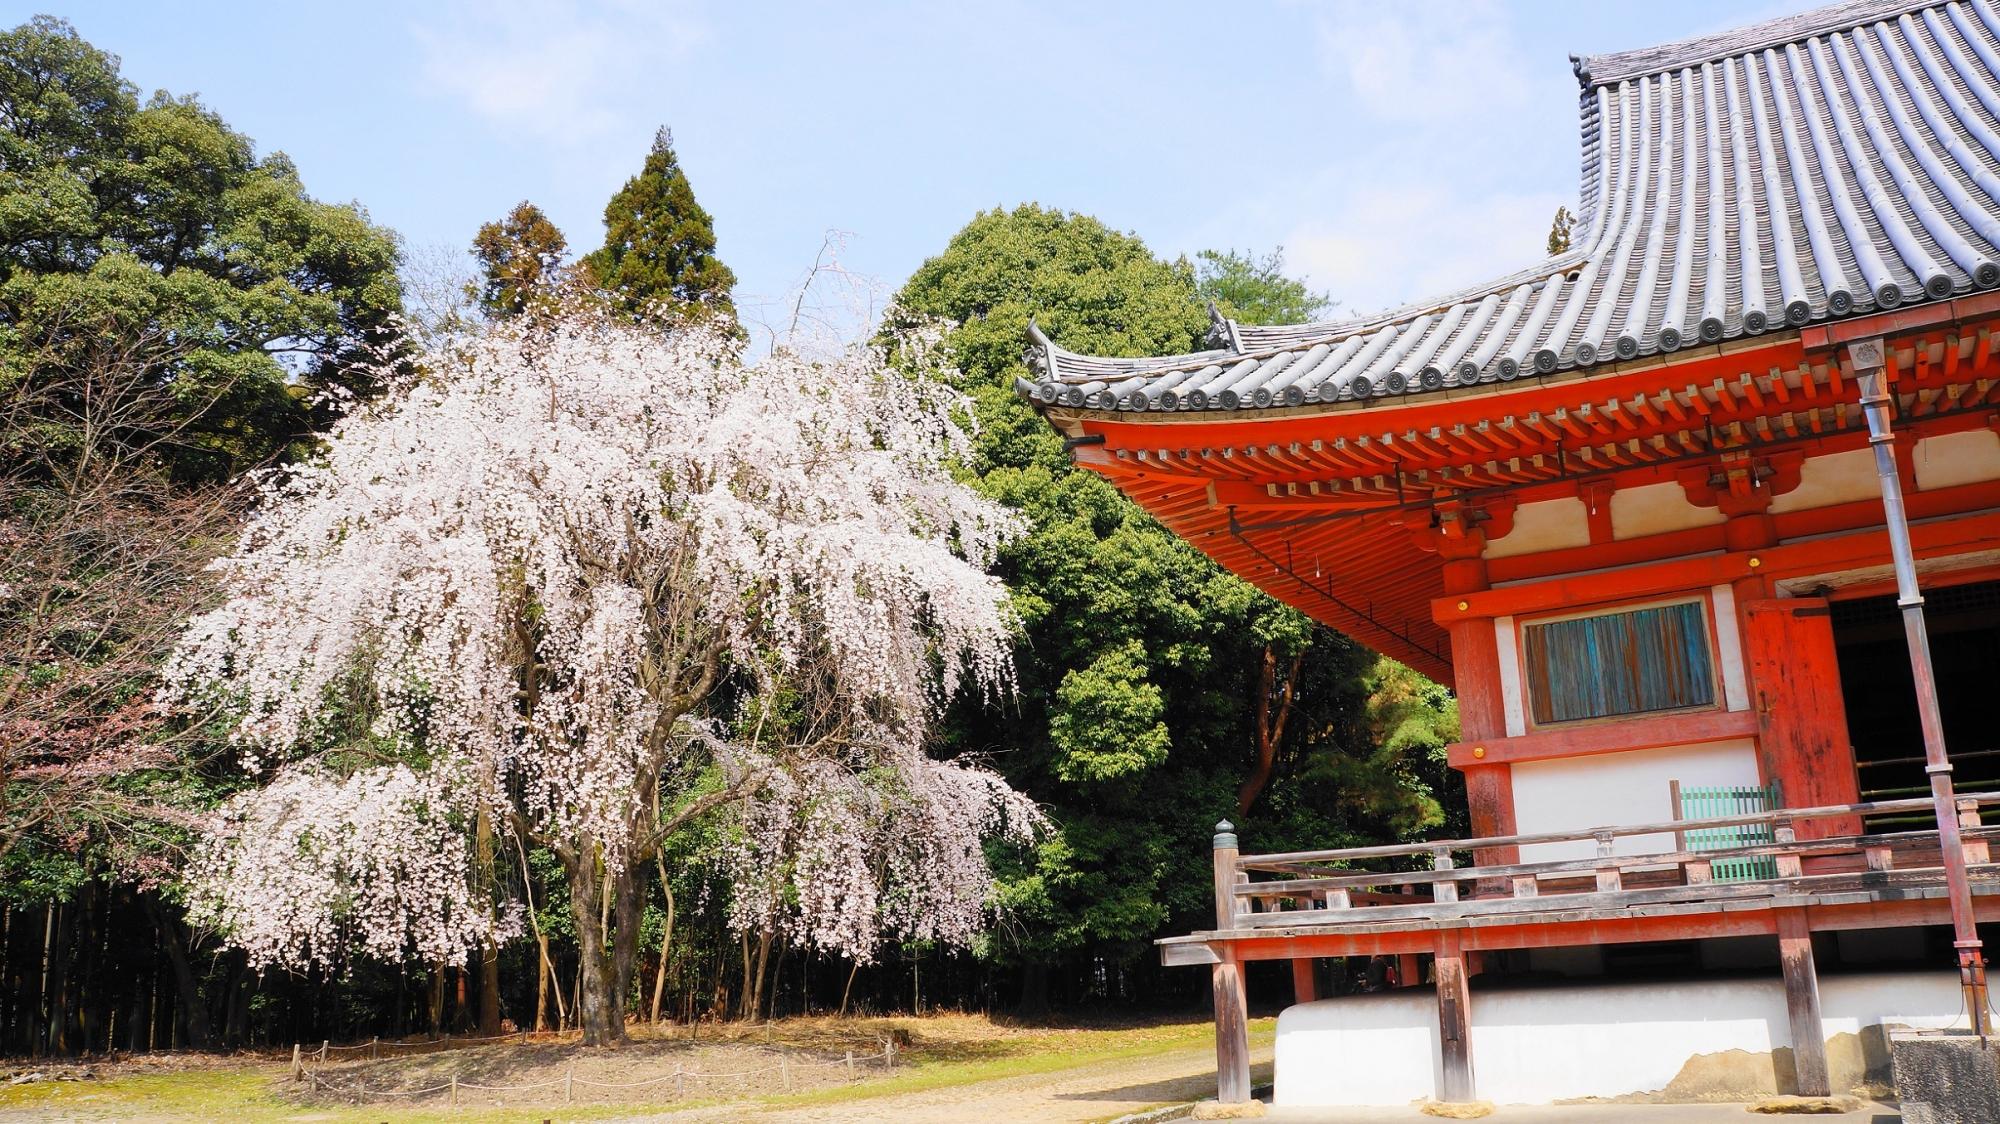 秀吉の花見で有名な醍醐寺の金堂横の巨木の満開のしだれ桜